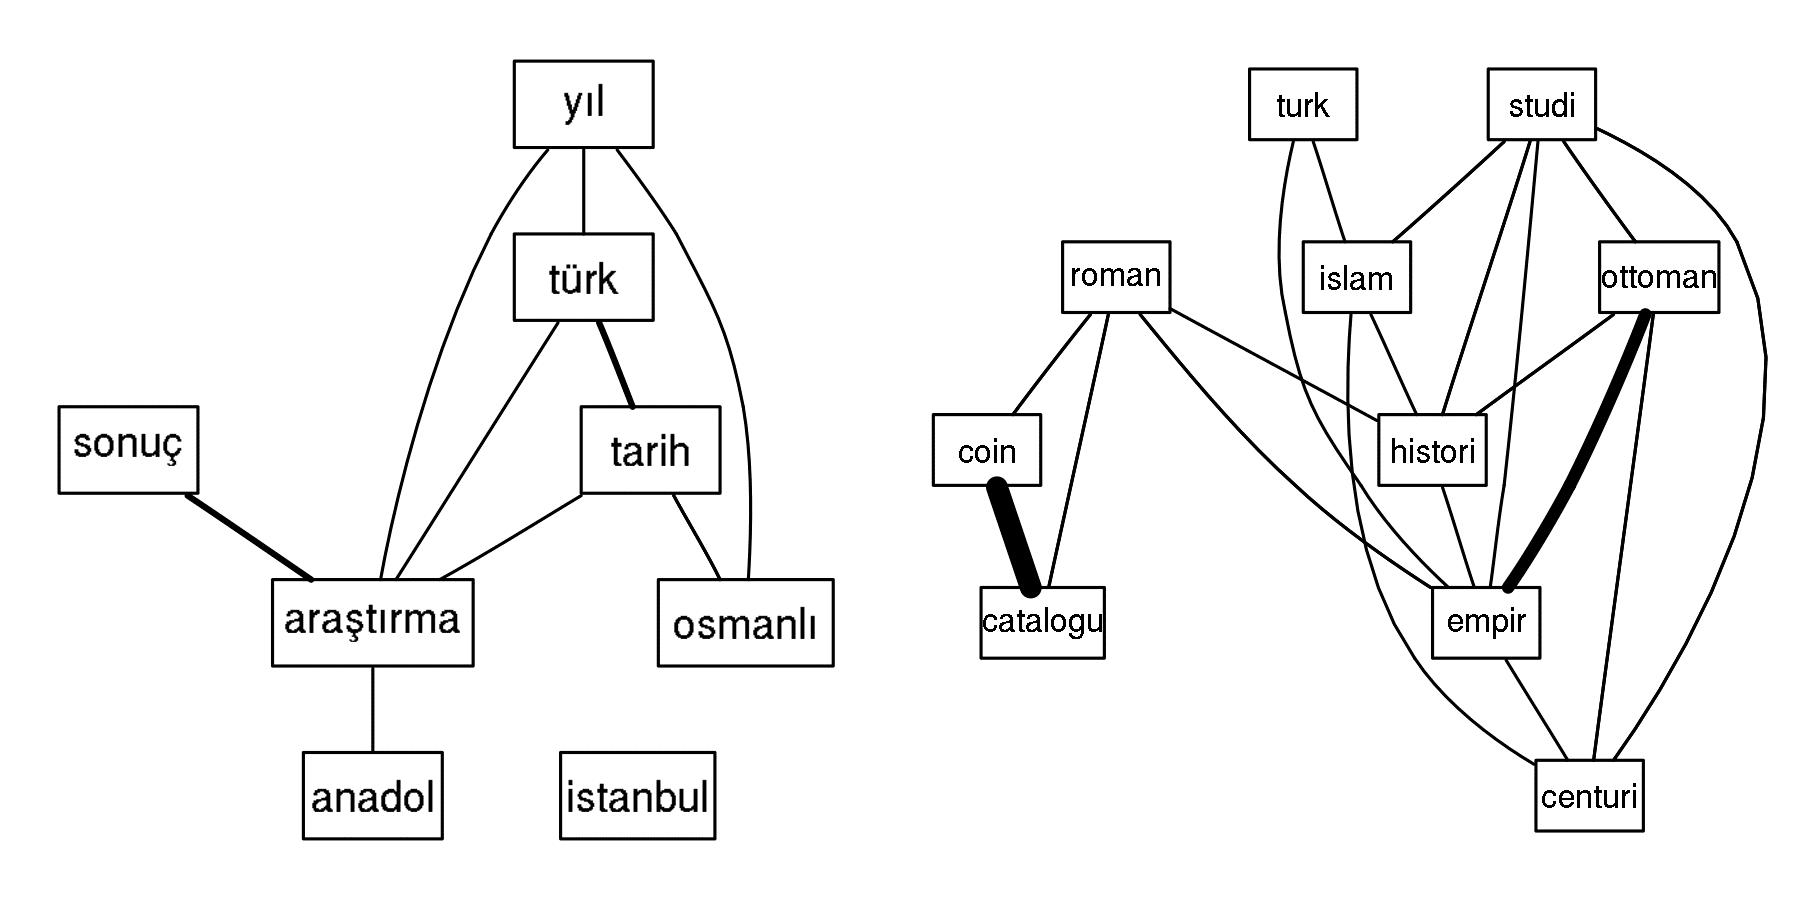 Exemples d'associations entre les mots les plus fréquents des titres en turc et en anglais. CC BY 4.0 Strupler